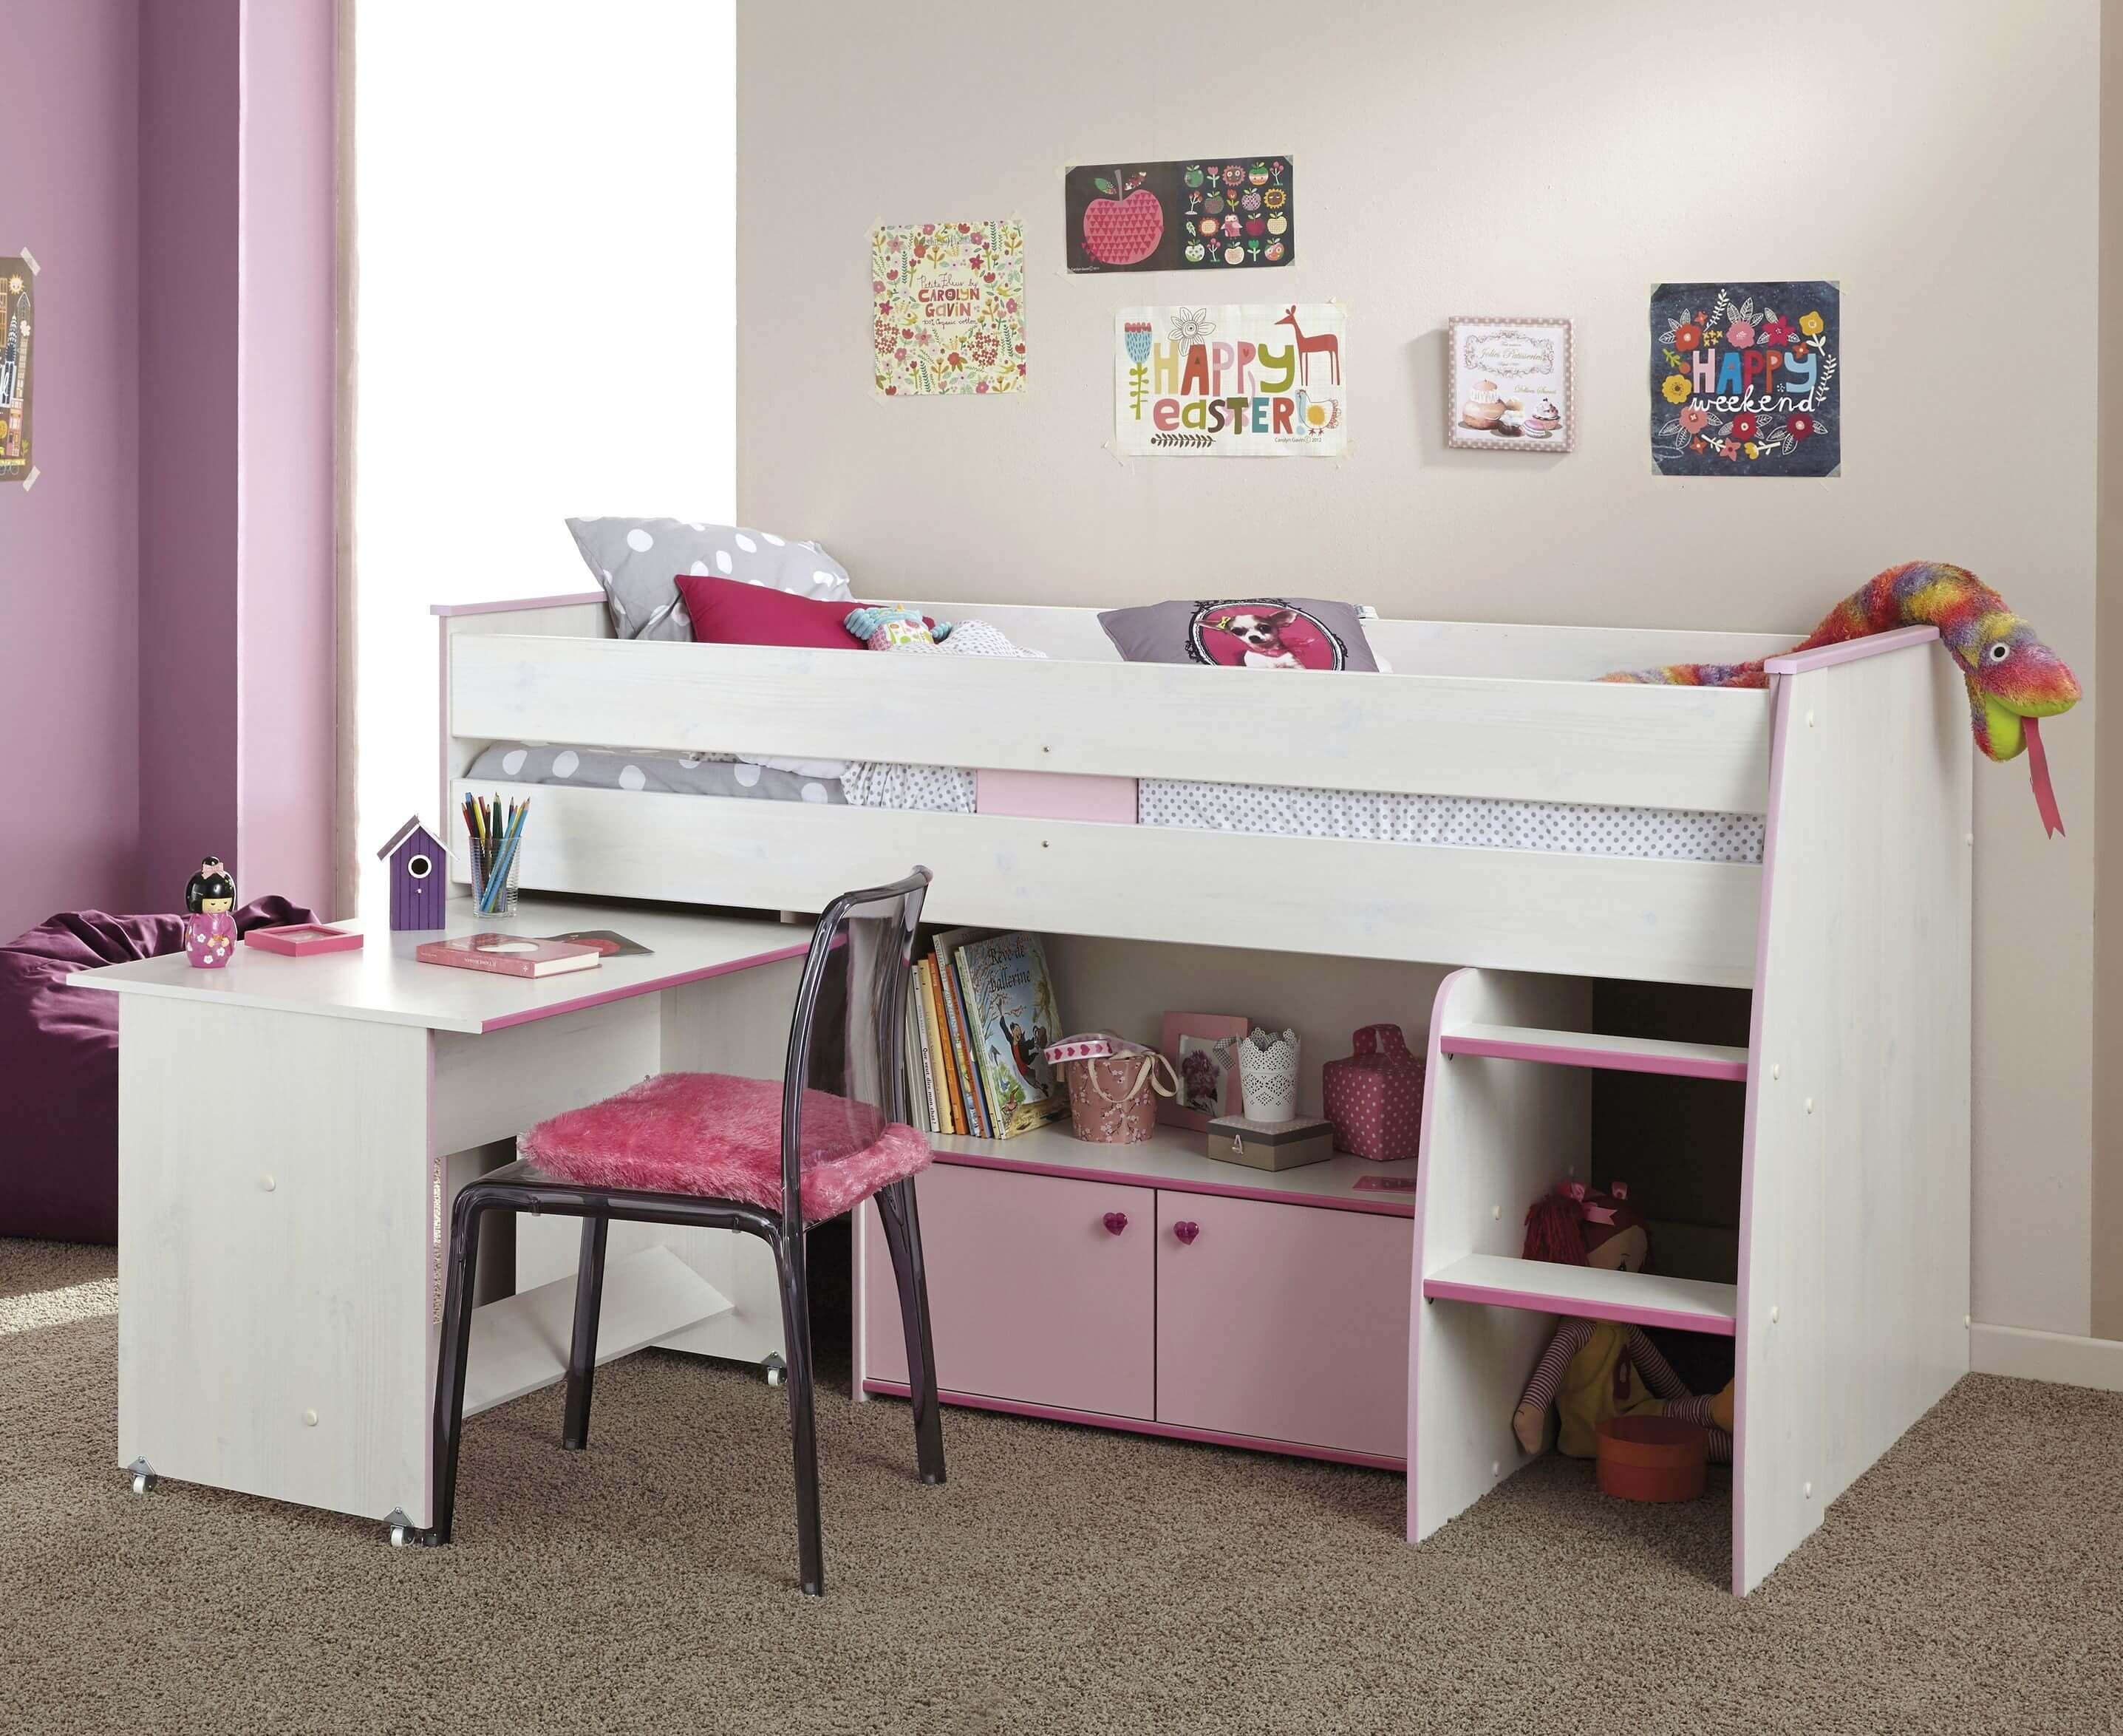 Kinderzimmer Zoe Hochbett 90x200 Kiefer weiß - Pink Jetzt ...